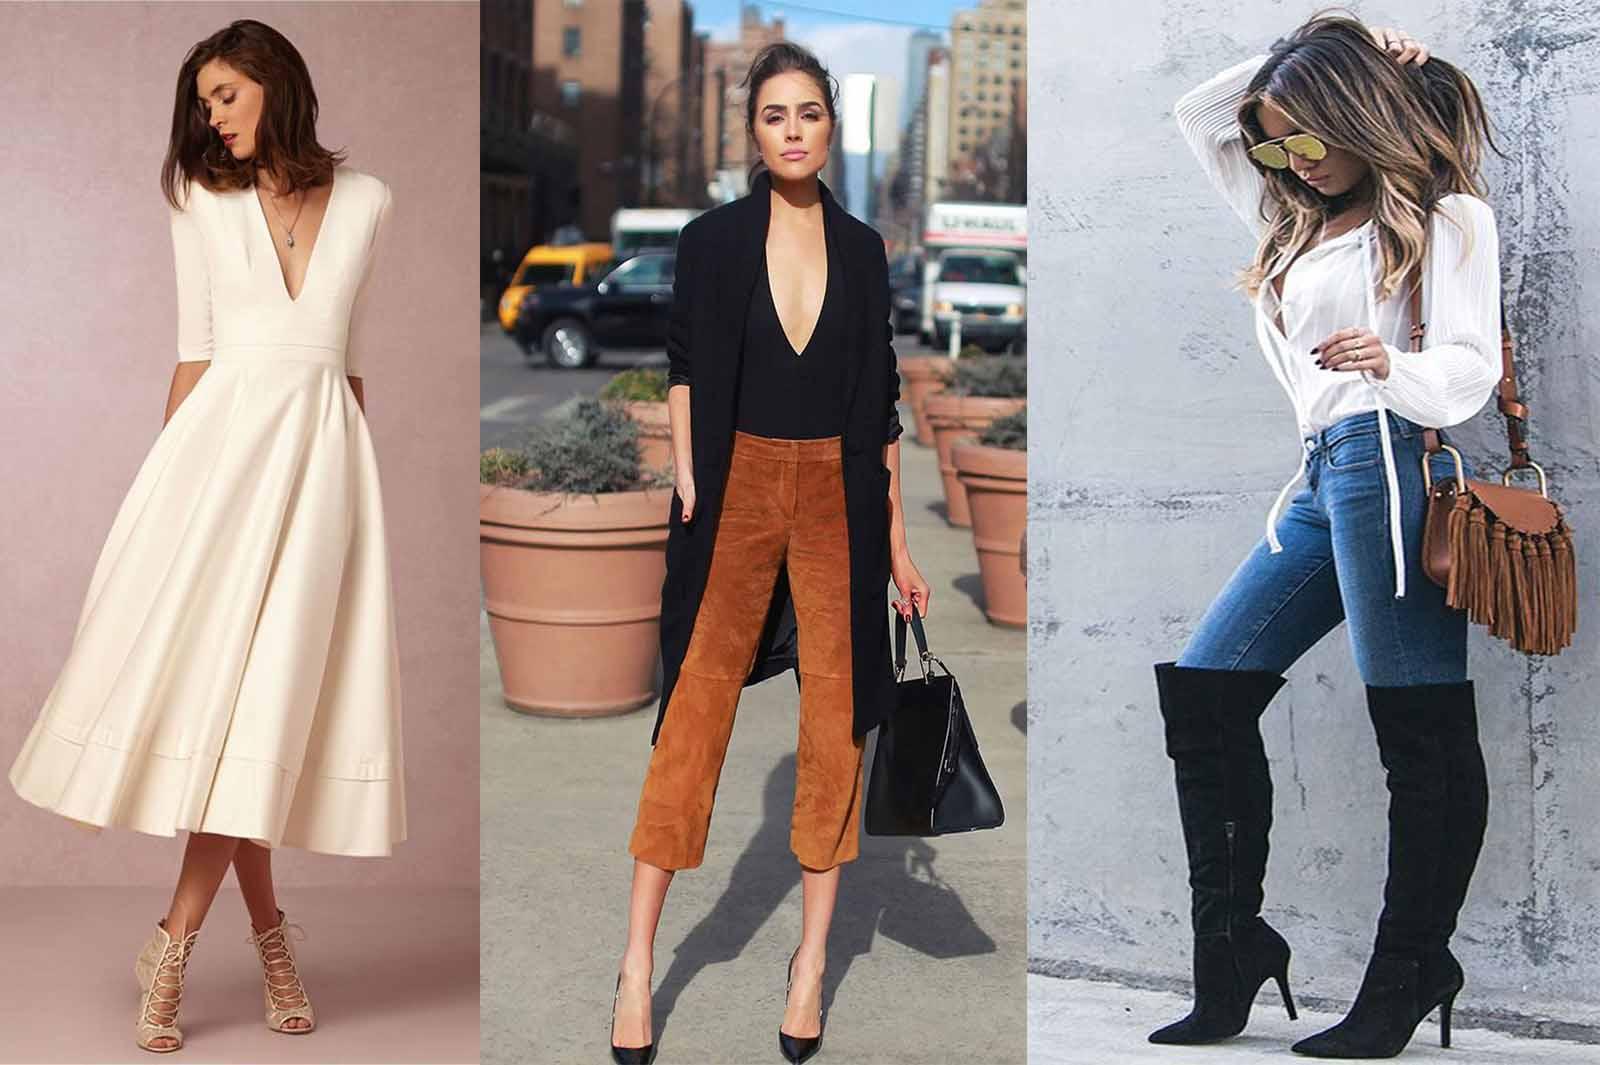 Kısa boylu minyon kadının giyim ipuçları